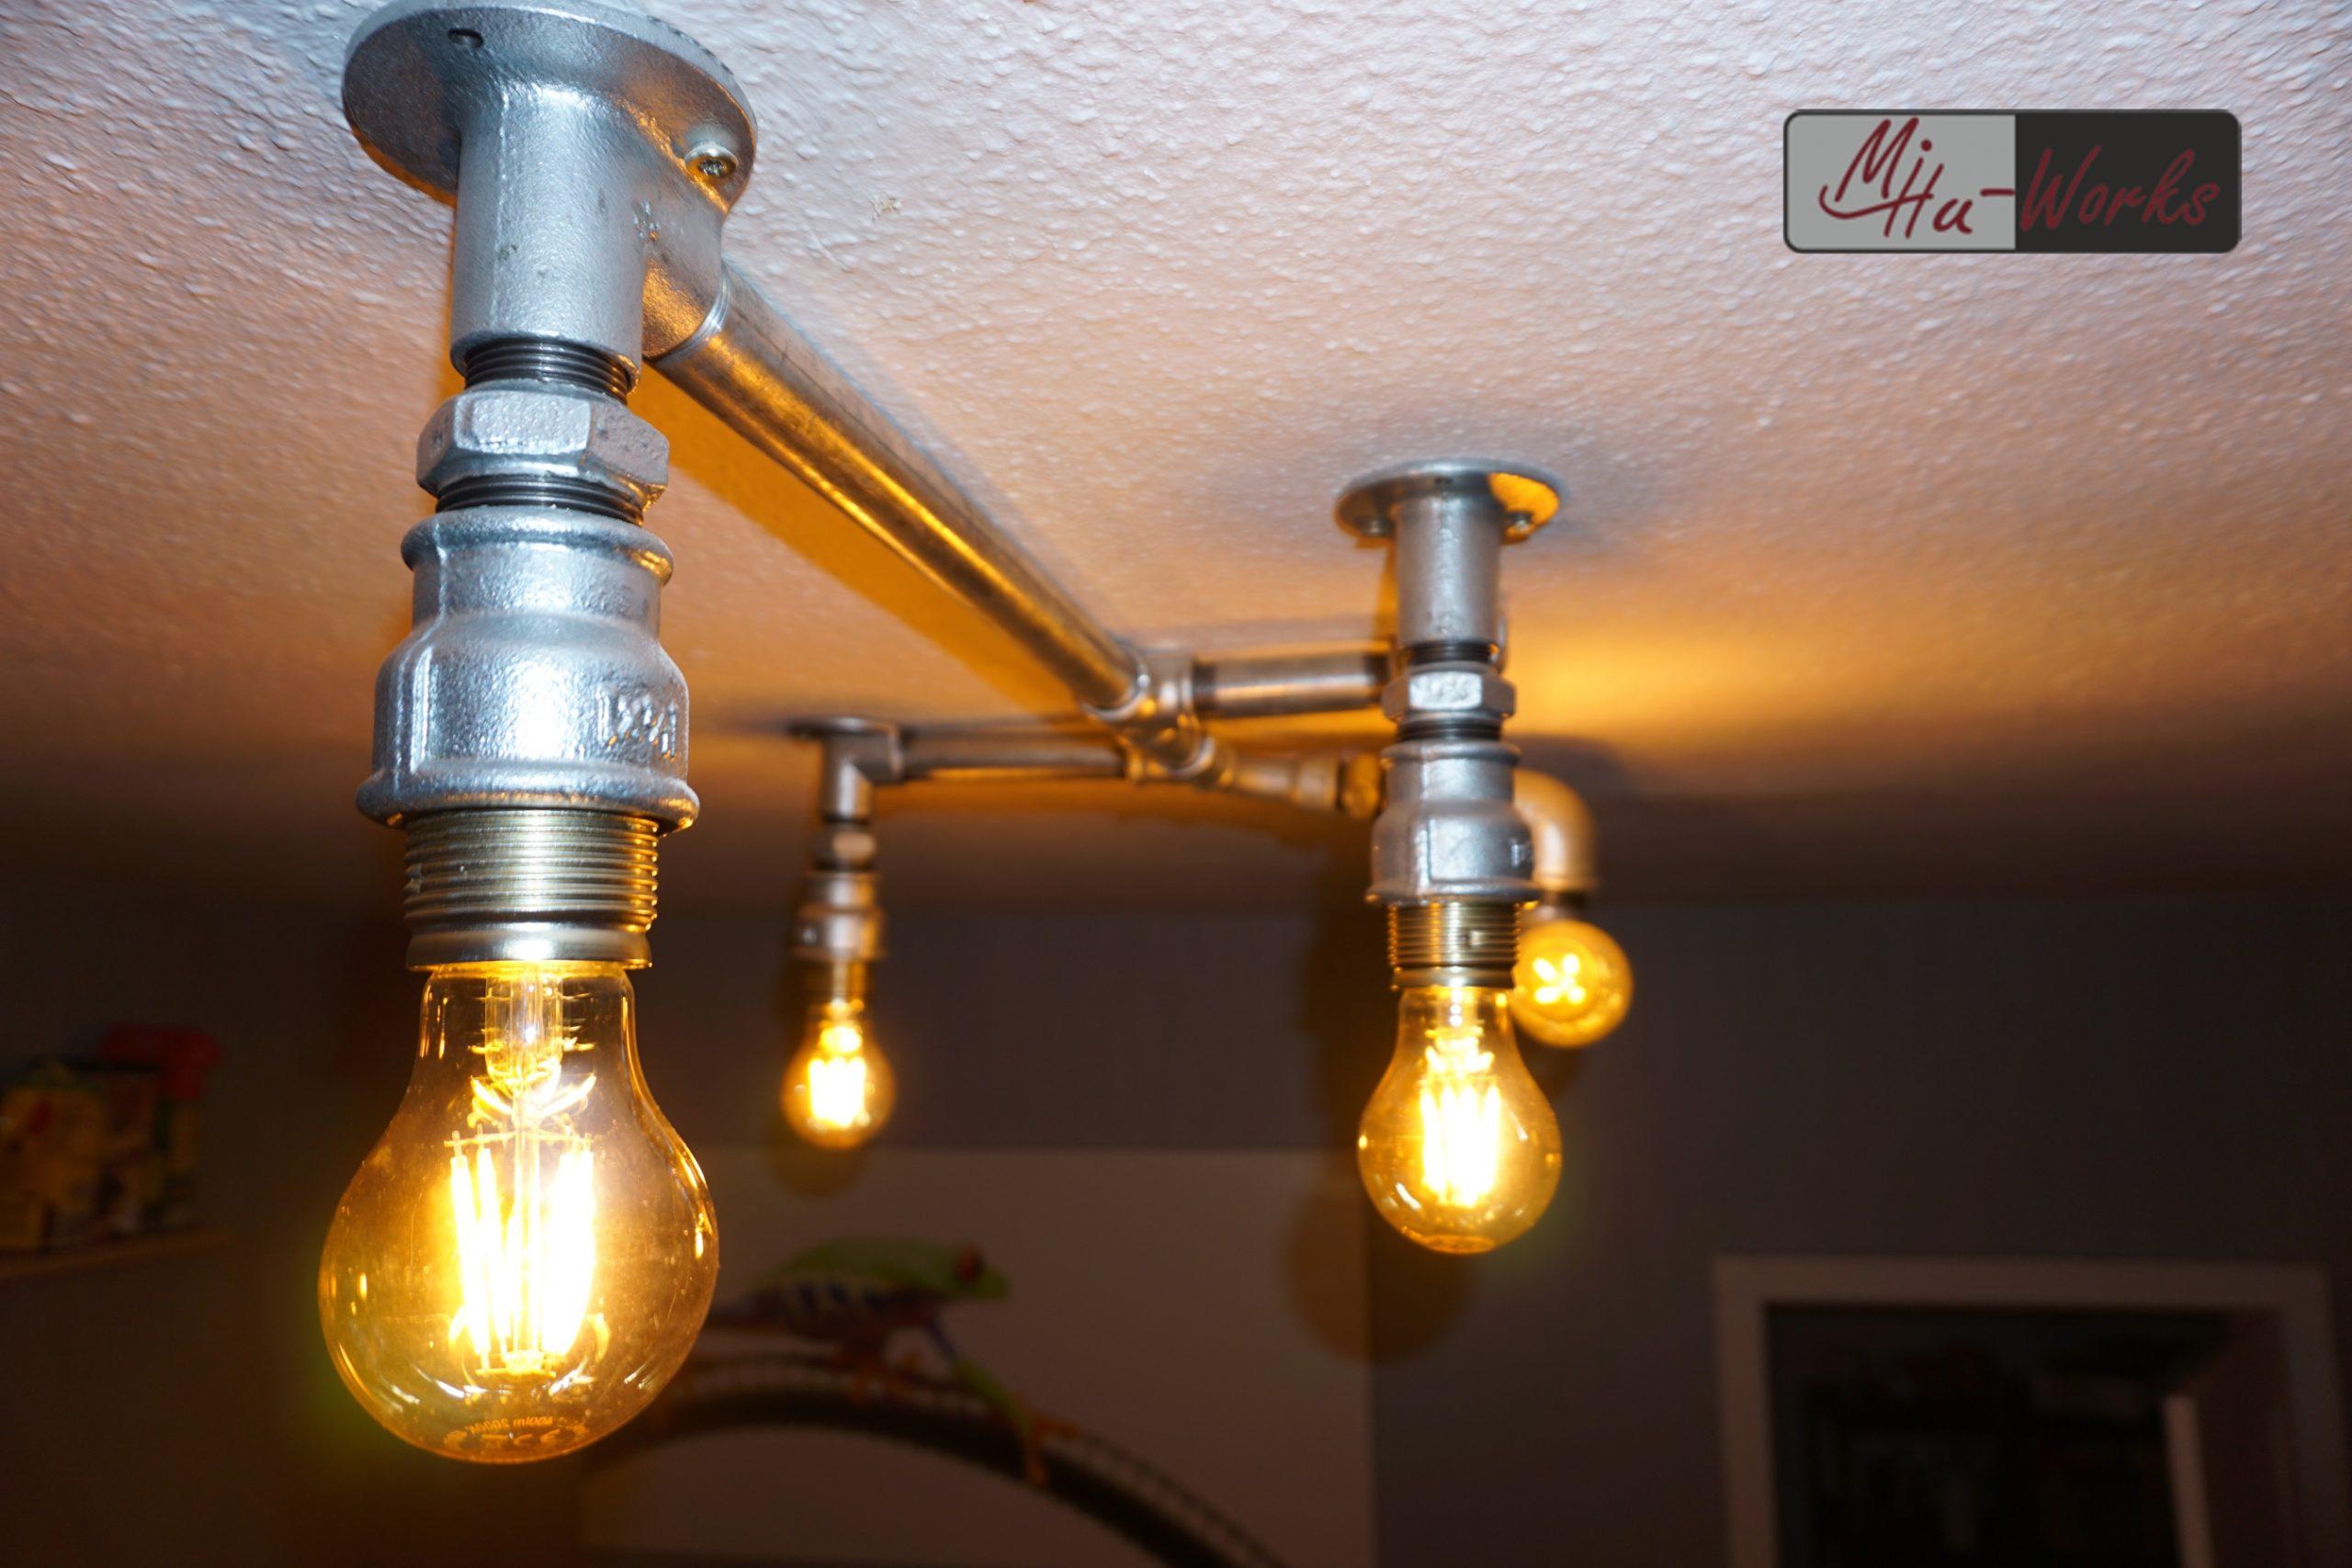 Full Size of Deckenlampe Selber Bauen Design Aus Rohren Industrial Lighting Mihu Boxspring Bett Schlafzimmer Bodengleiche Dusche Nachträglich Einbauen Wohnzimmer Wohnzimmer Deckenlampe Selber Bauen